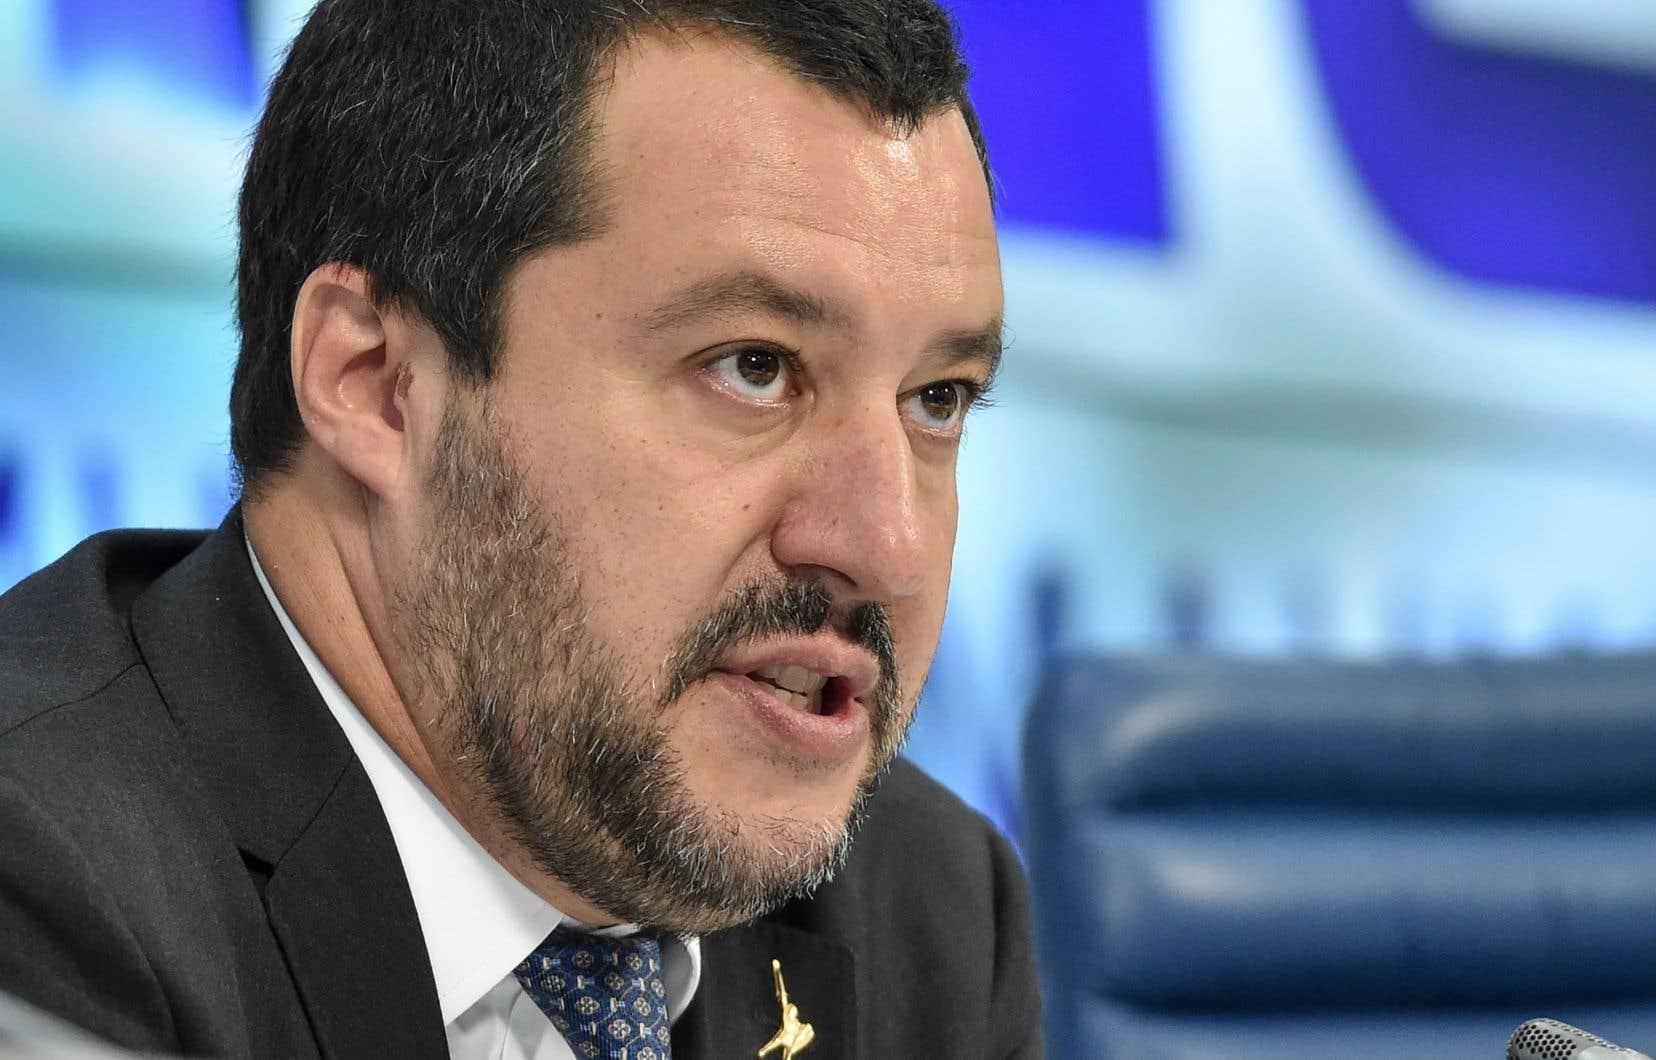 Selon le ministre de l'Intérieur, Matteo Salvini, il s'agit d'un pas en avant pour rendre l'Italie «plus sûre».